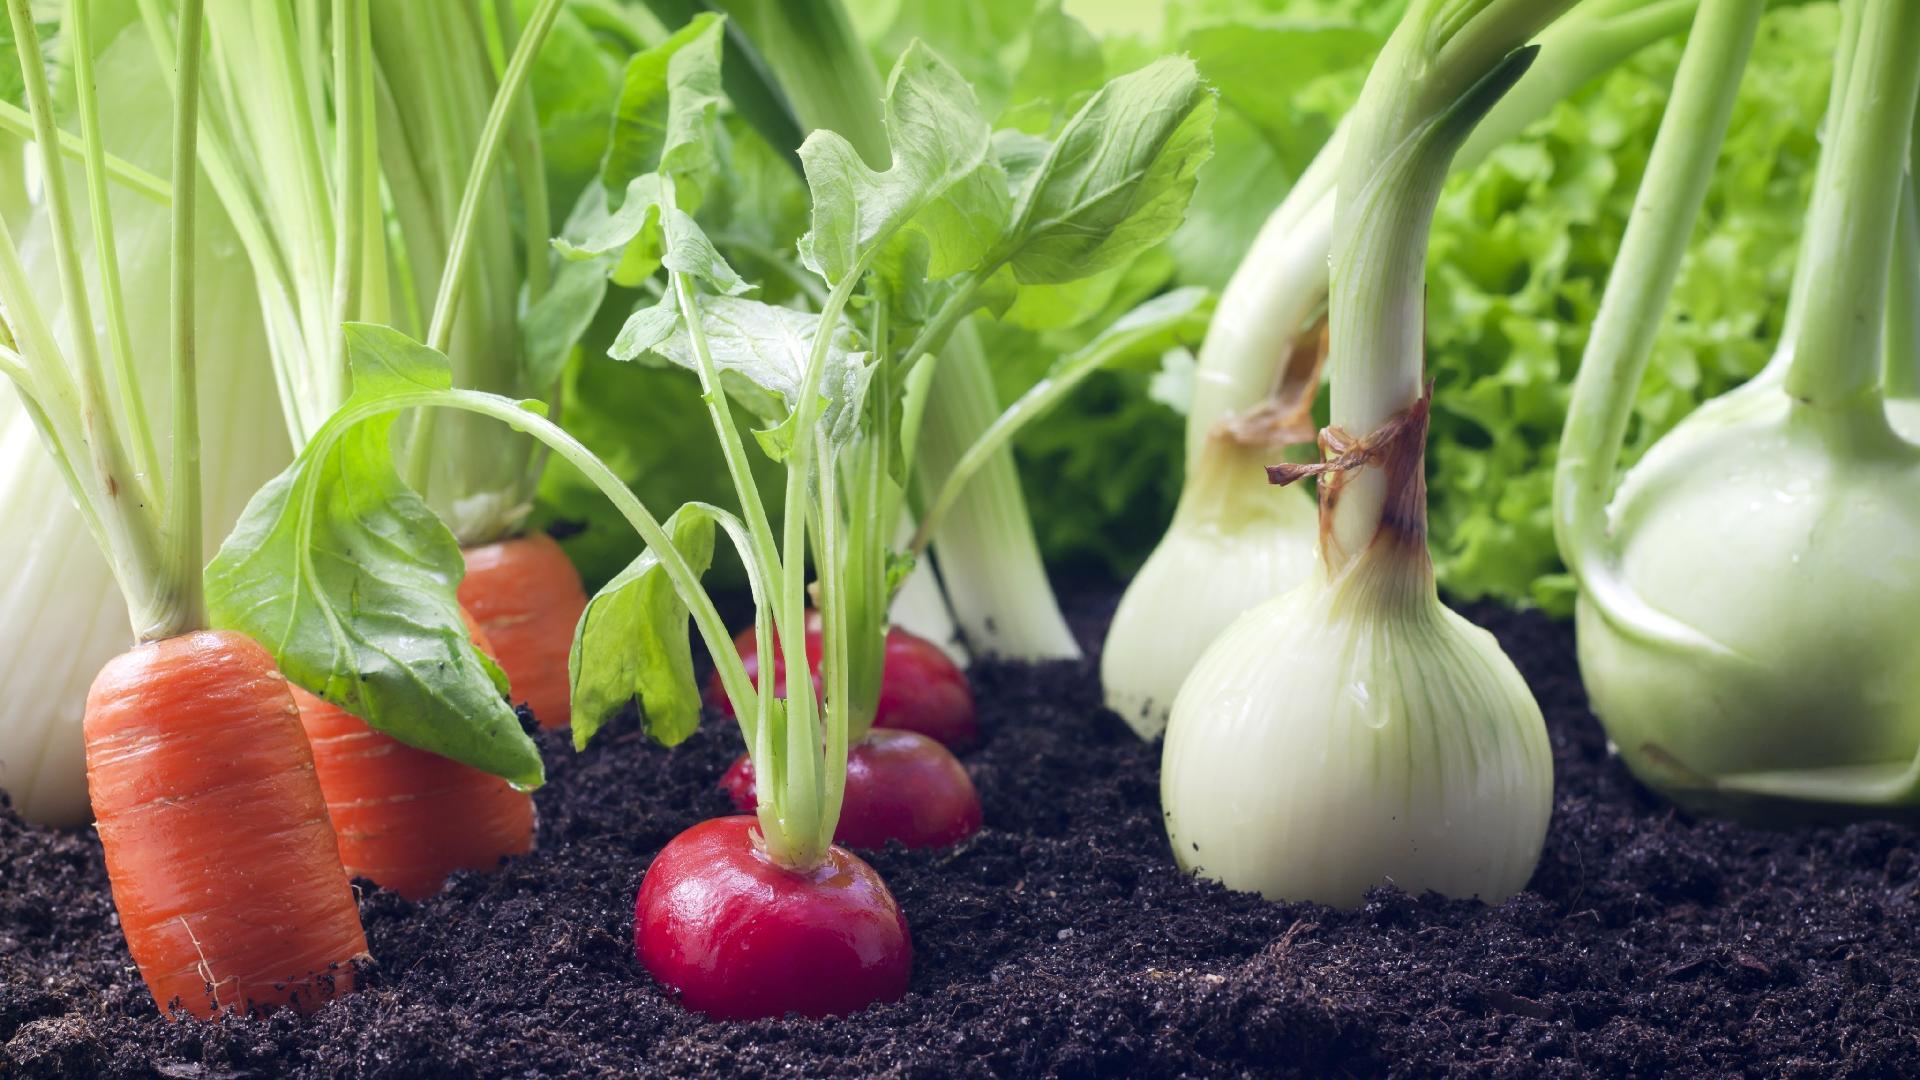 ¿Crisis alimentaria? 18 verduras que crecen en menos de 60 días